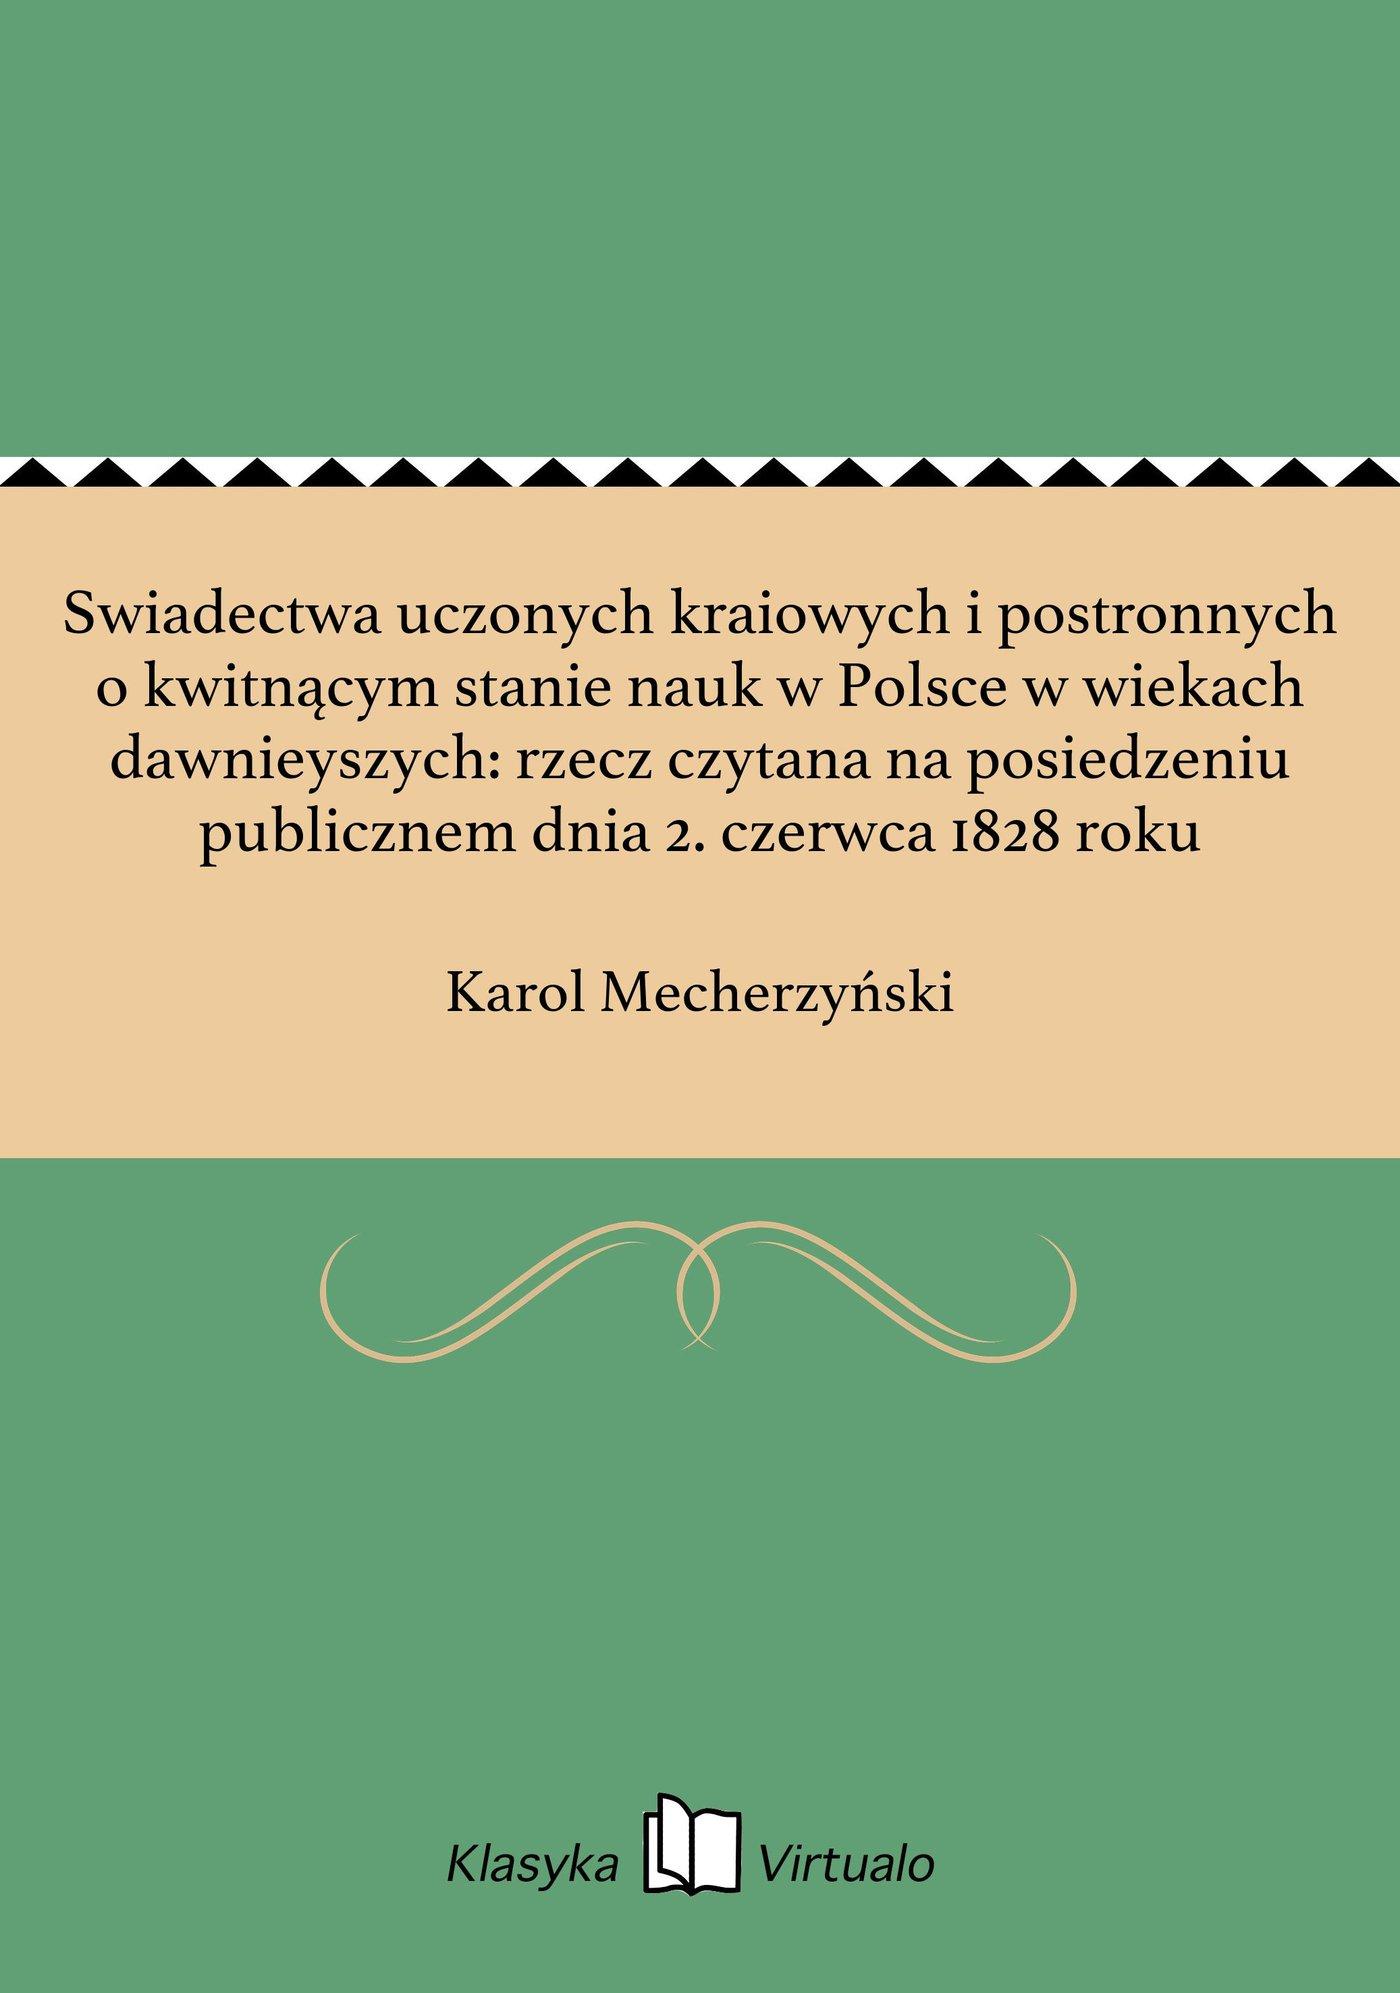 Swiadectwa uczonych kraiowych i postronnych o kwitnącym stanie nauk w Polsce w wiekach dawnieyszych: rzecz czytana na posiedzeniu publicznem dnia 2. czerwca 1828 roku - Ebook (Książka EPUB) do pobrania w formacie EPUB